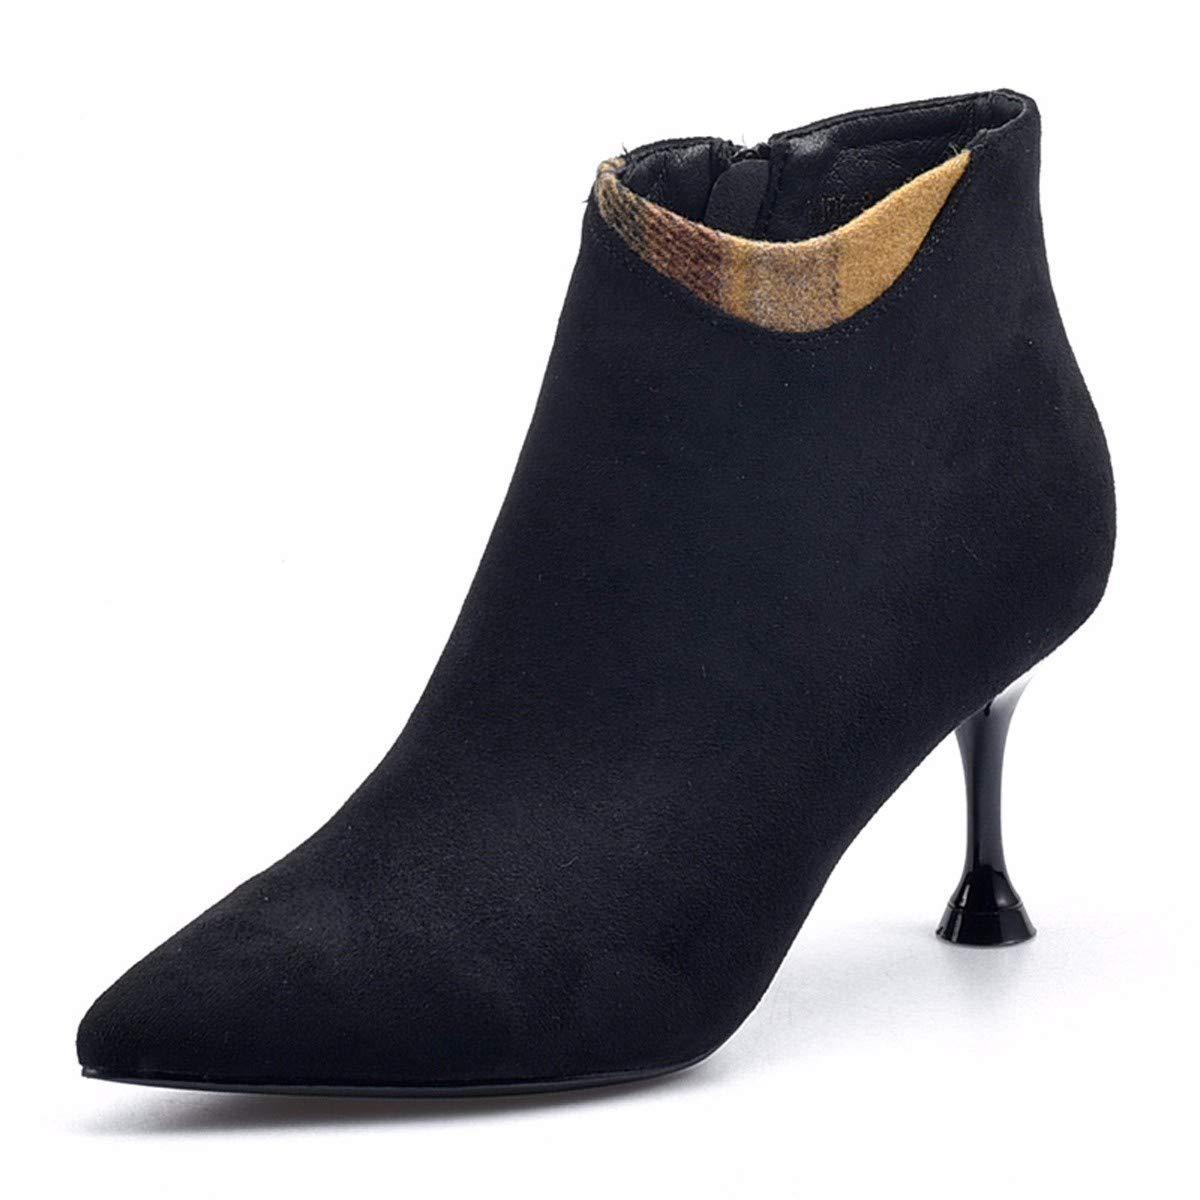 KPHY Damenschuhe Kaschmir Spitze Absatz 7 7 Absatz cm Hohe Stiefel High Heels Stiefeletten 0abb9d